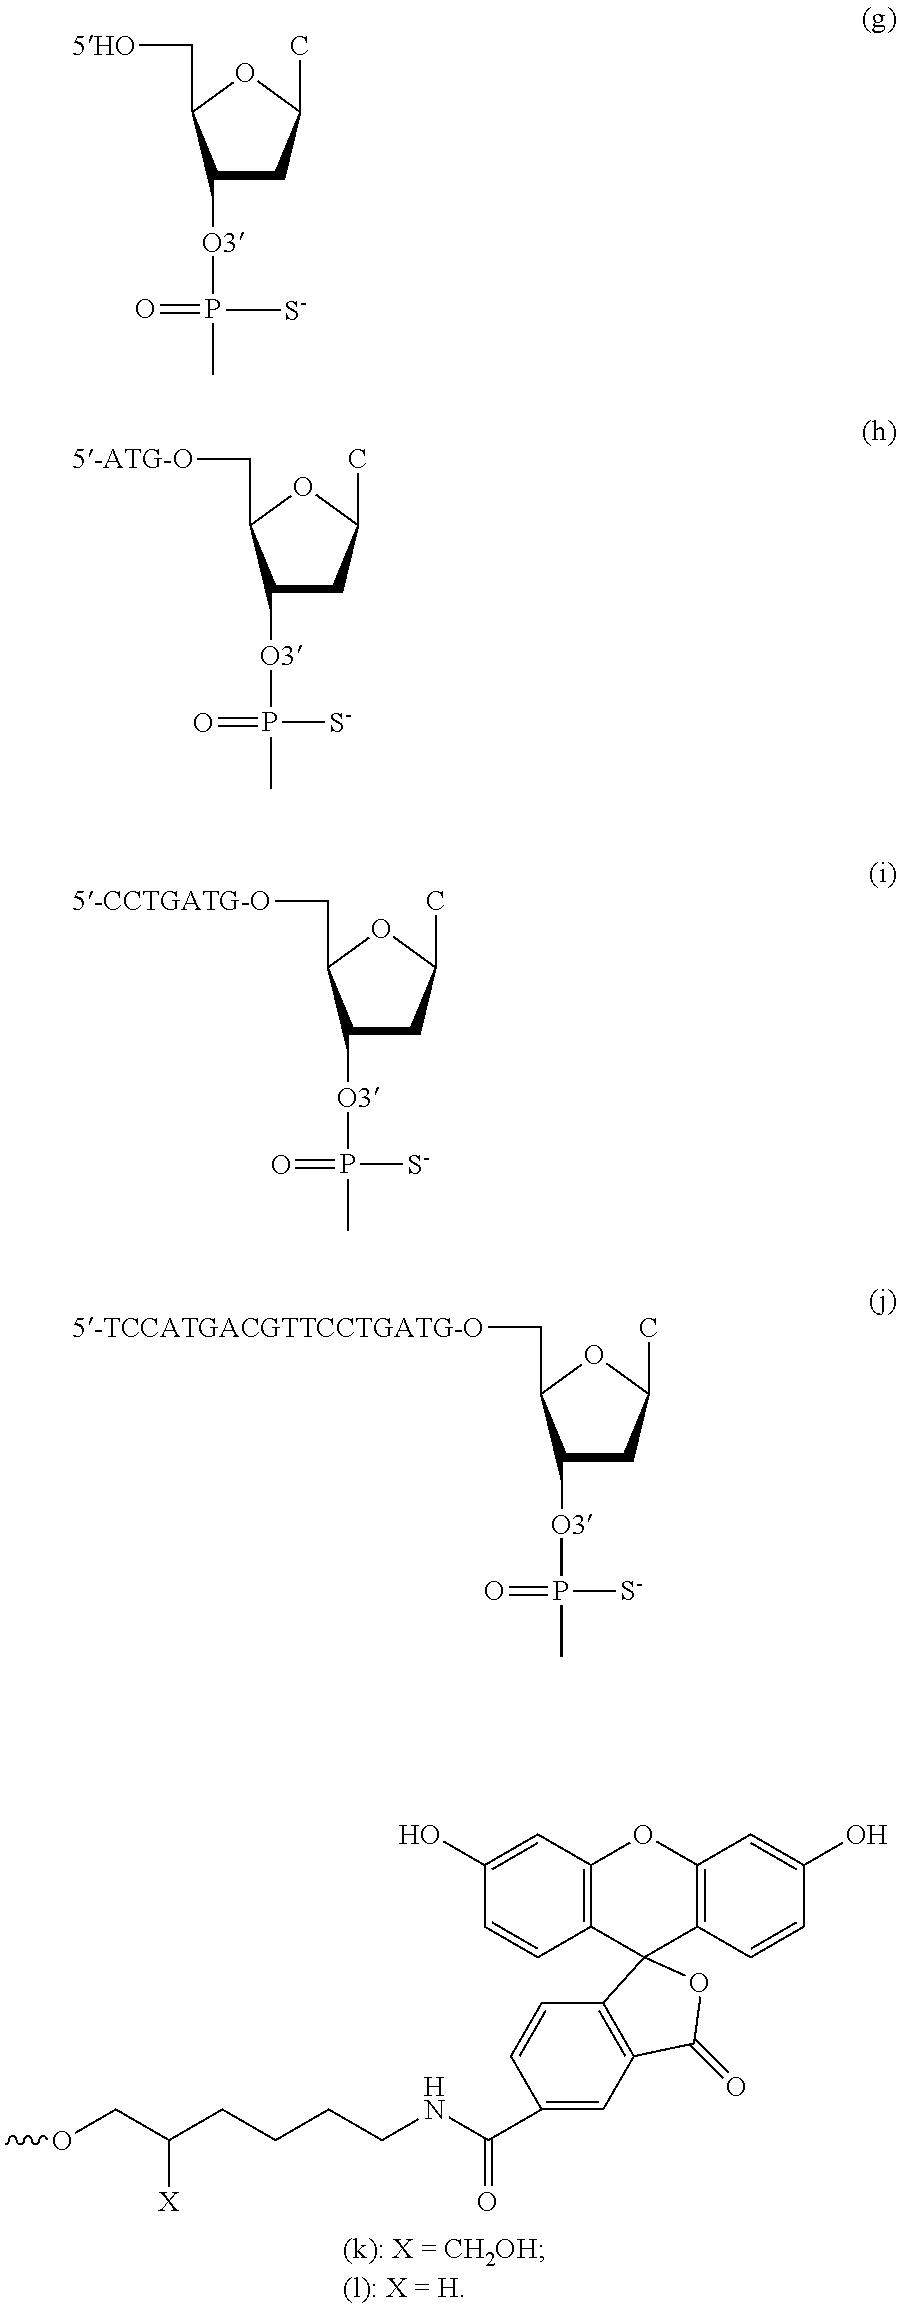 Figure US08153608-20120410-C00028